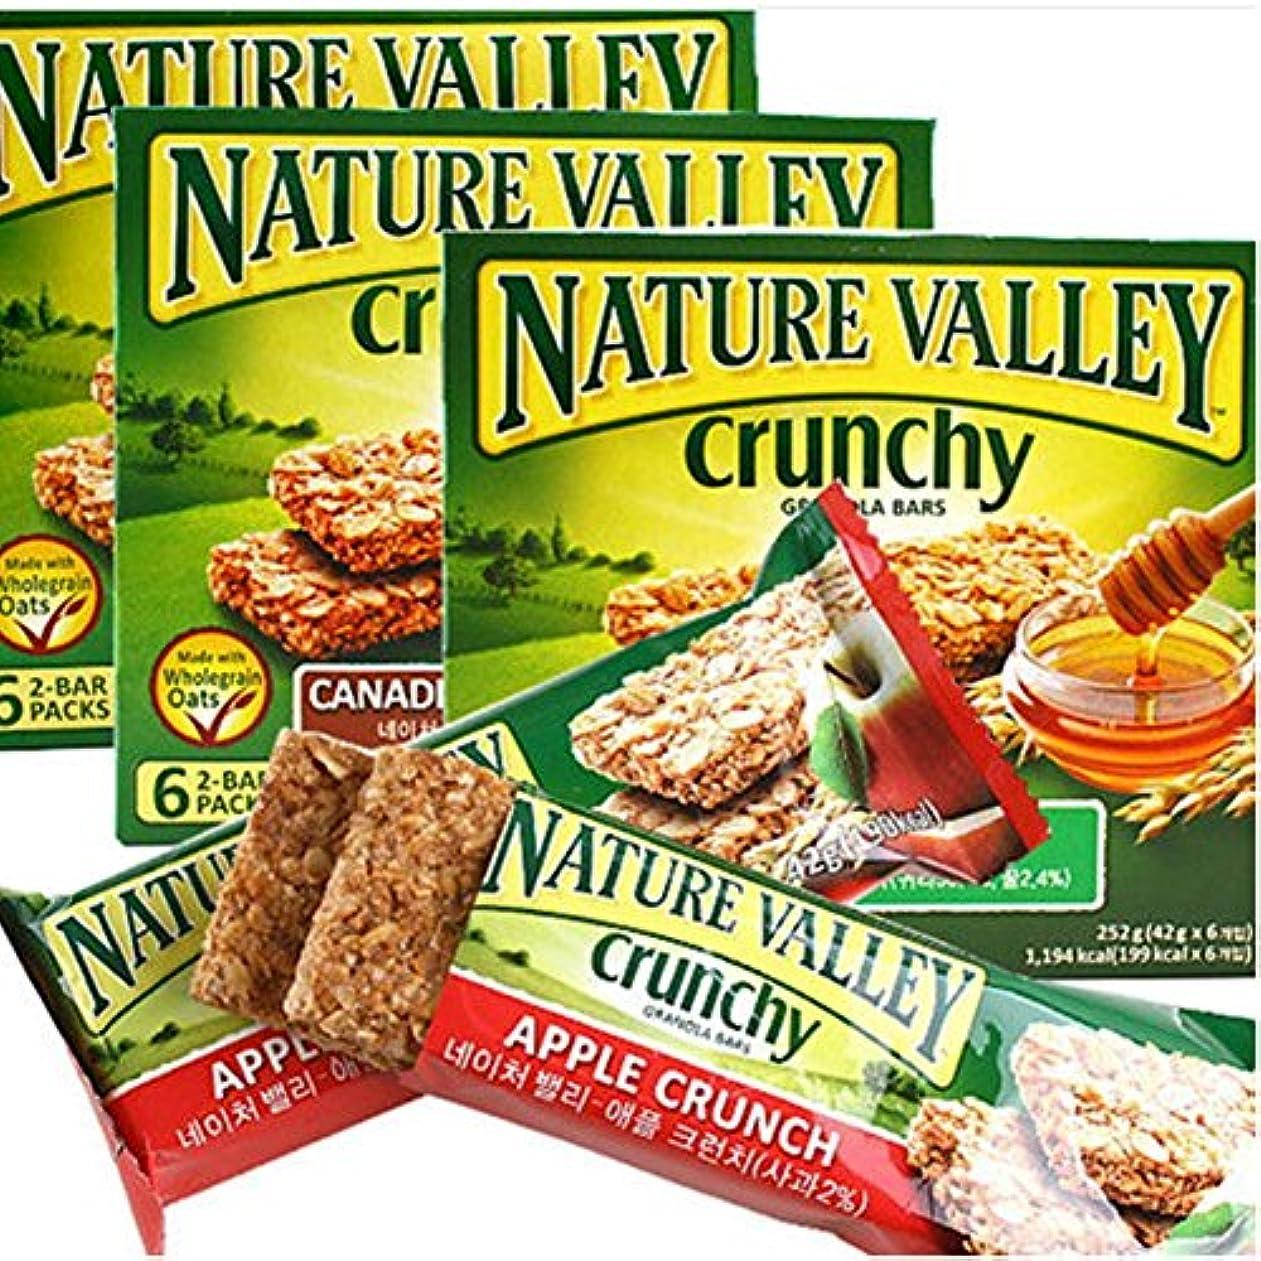 柔らかいドル長老[ネイチャーバレー/Nature Valley] APPLE CRUNCH SYRUP/ネイチャーバレークランチグラノーラバー42g5パックx3 Box - アップルクランチシロップ(合計15袋)穀物バー/シリアル/栄養...